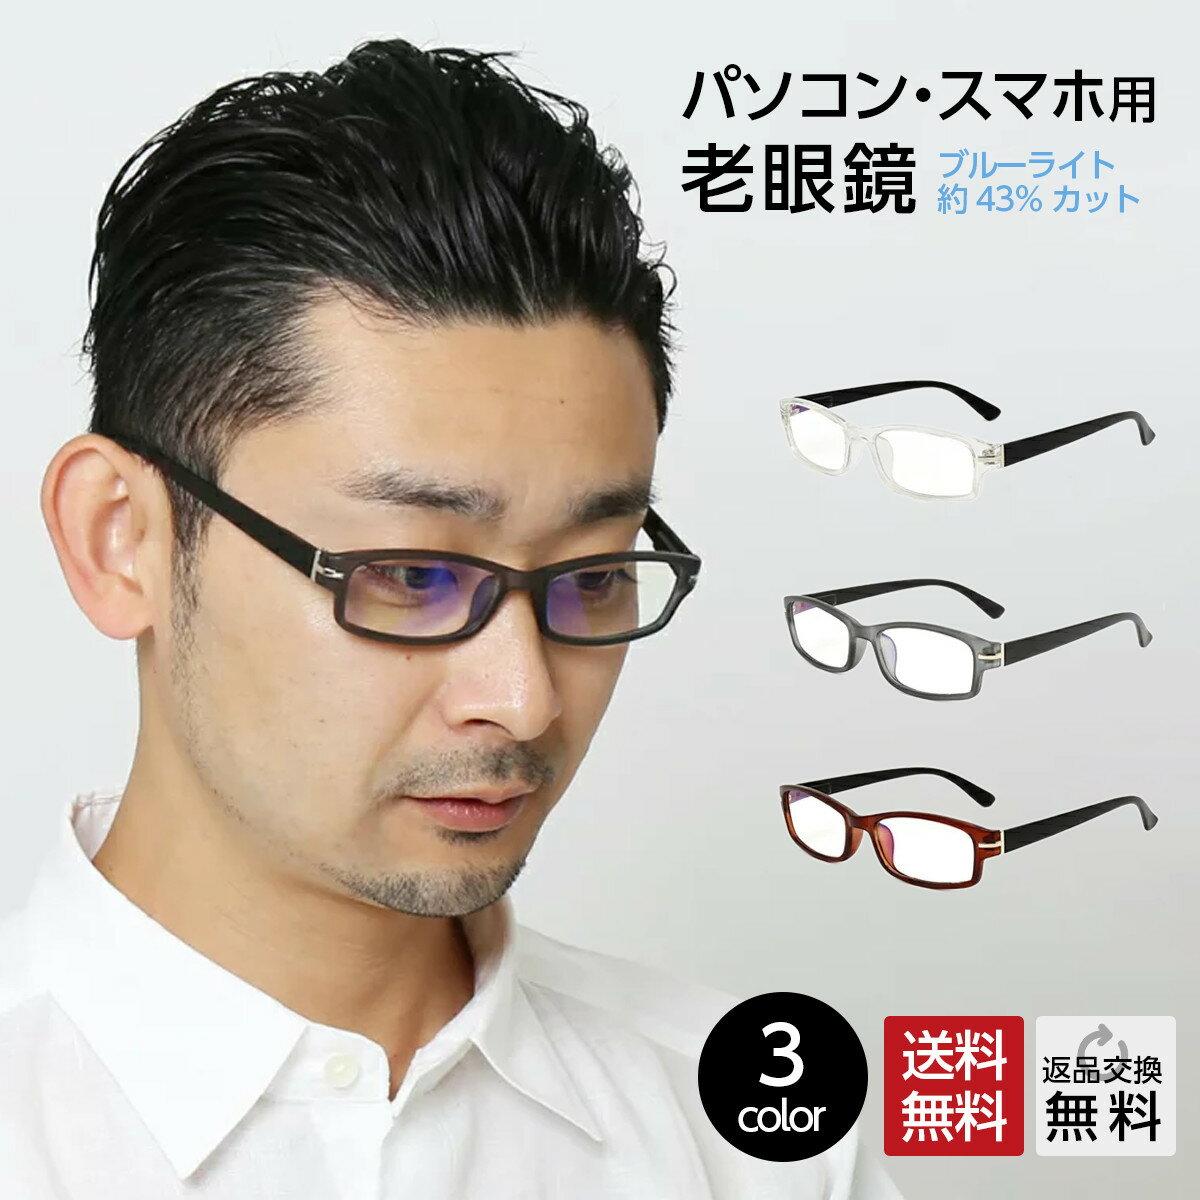 老眼鏡 ブルーライトカット43% 紫外線カット99% 男性用 メンズ おしゃれ 老眼鏡に見えないスタイリッシュなPC老眼鏡 かっこいい スマホ・パソコン使用時にオススメ スマート UV400 全3色